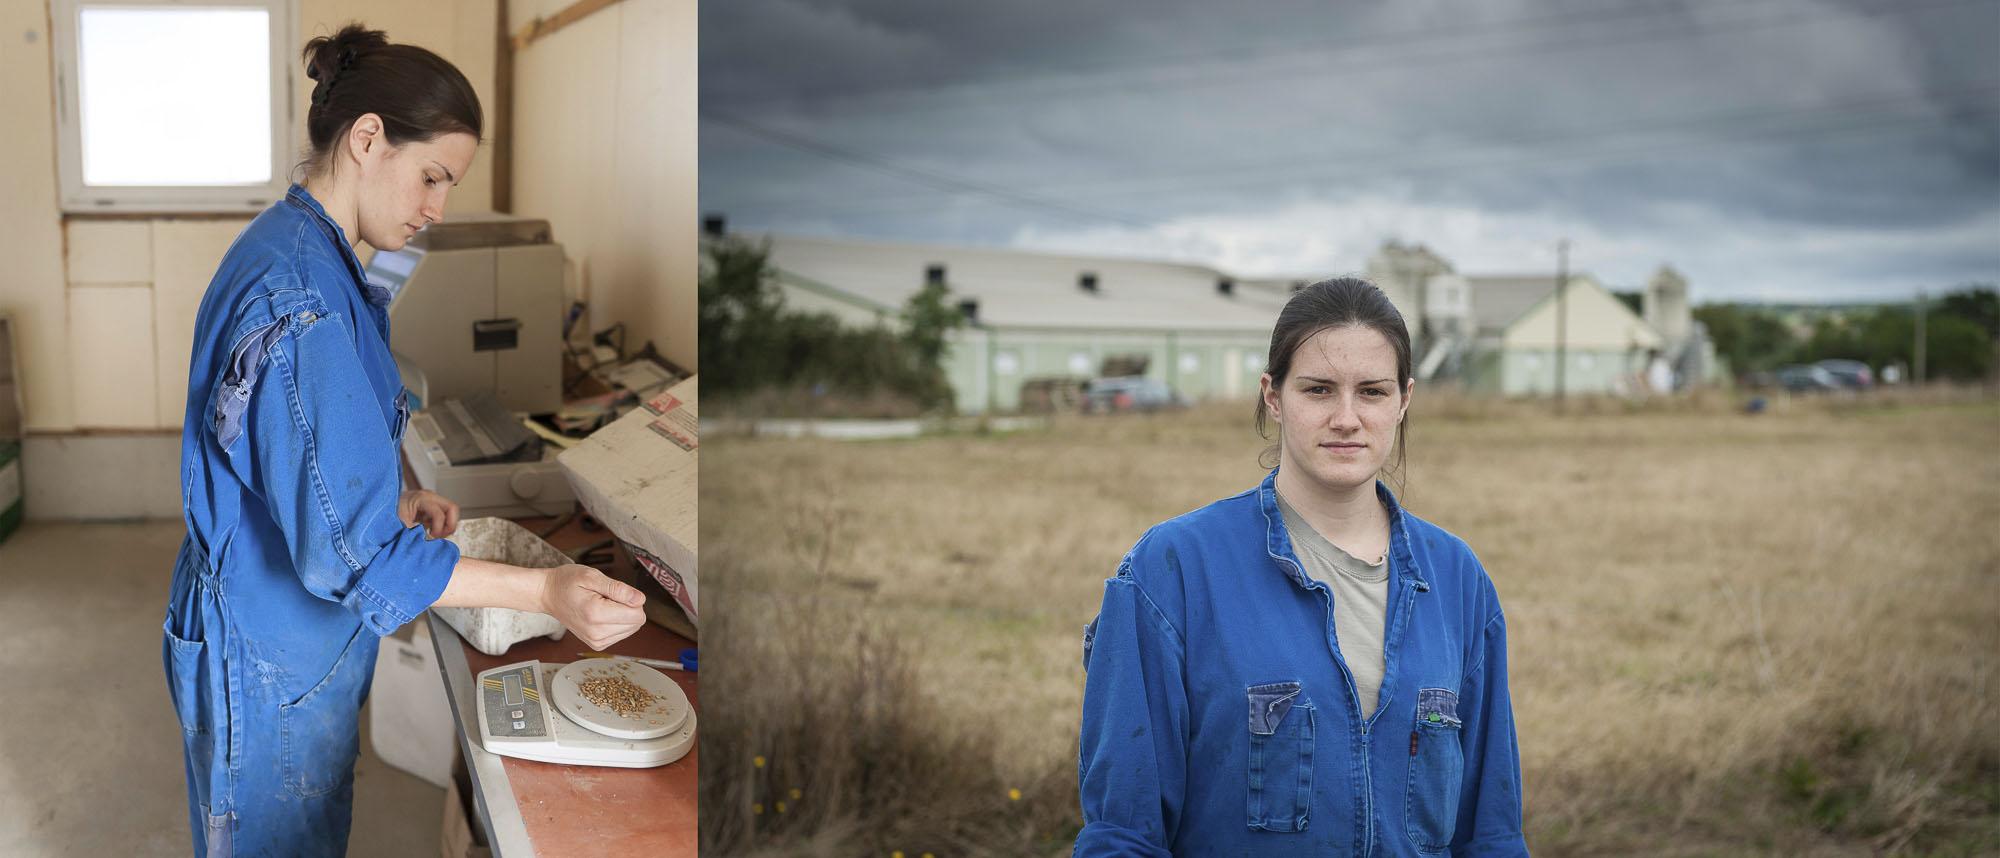 reportage photo salarié agricole dans une elevage de porc en Bretagne